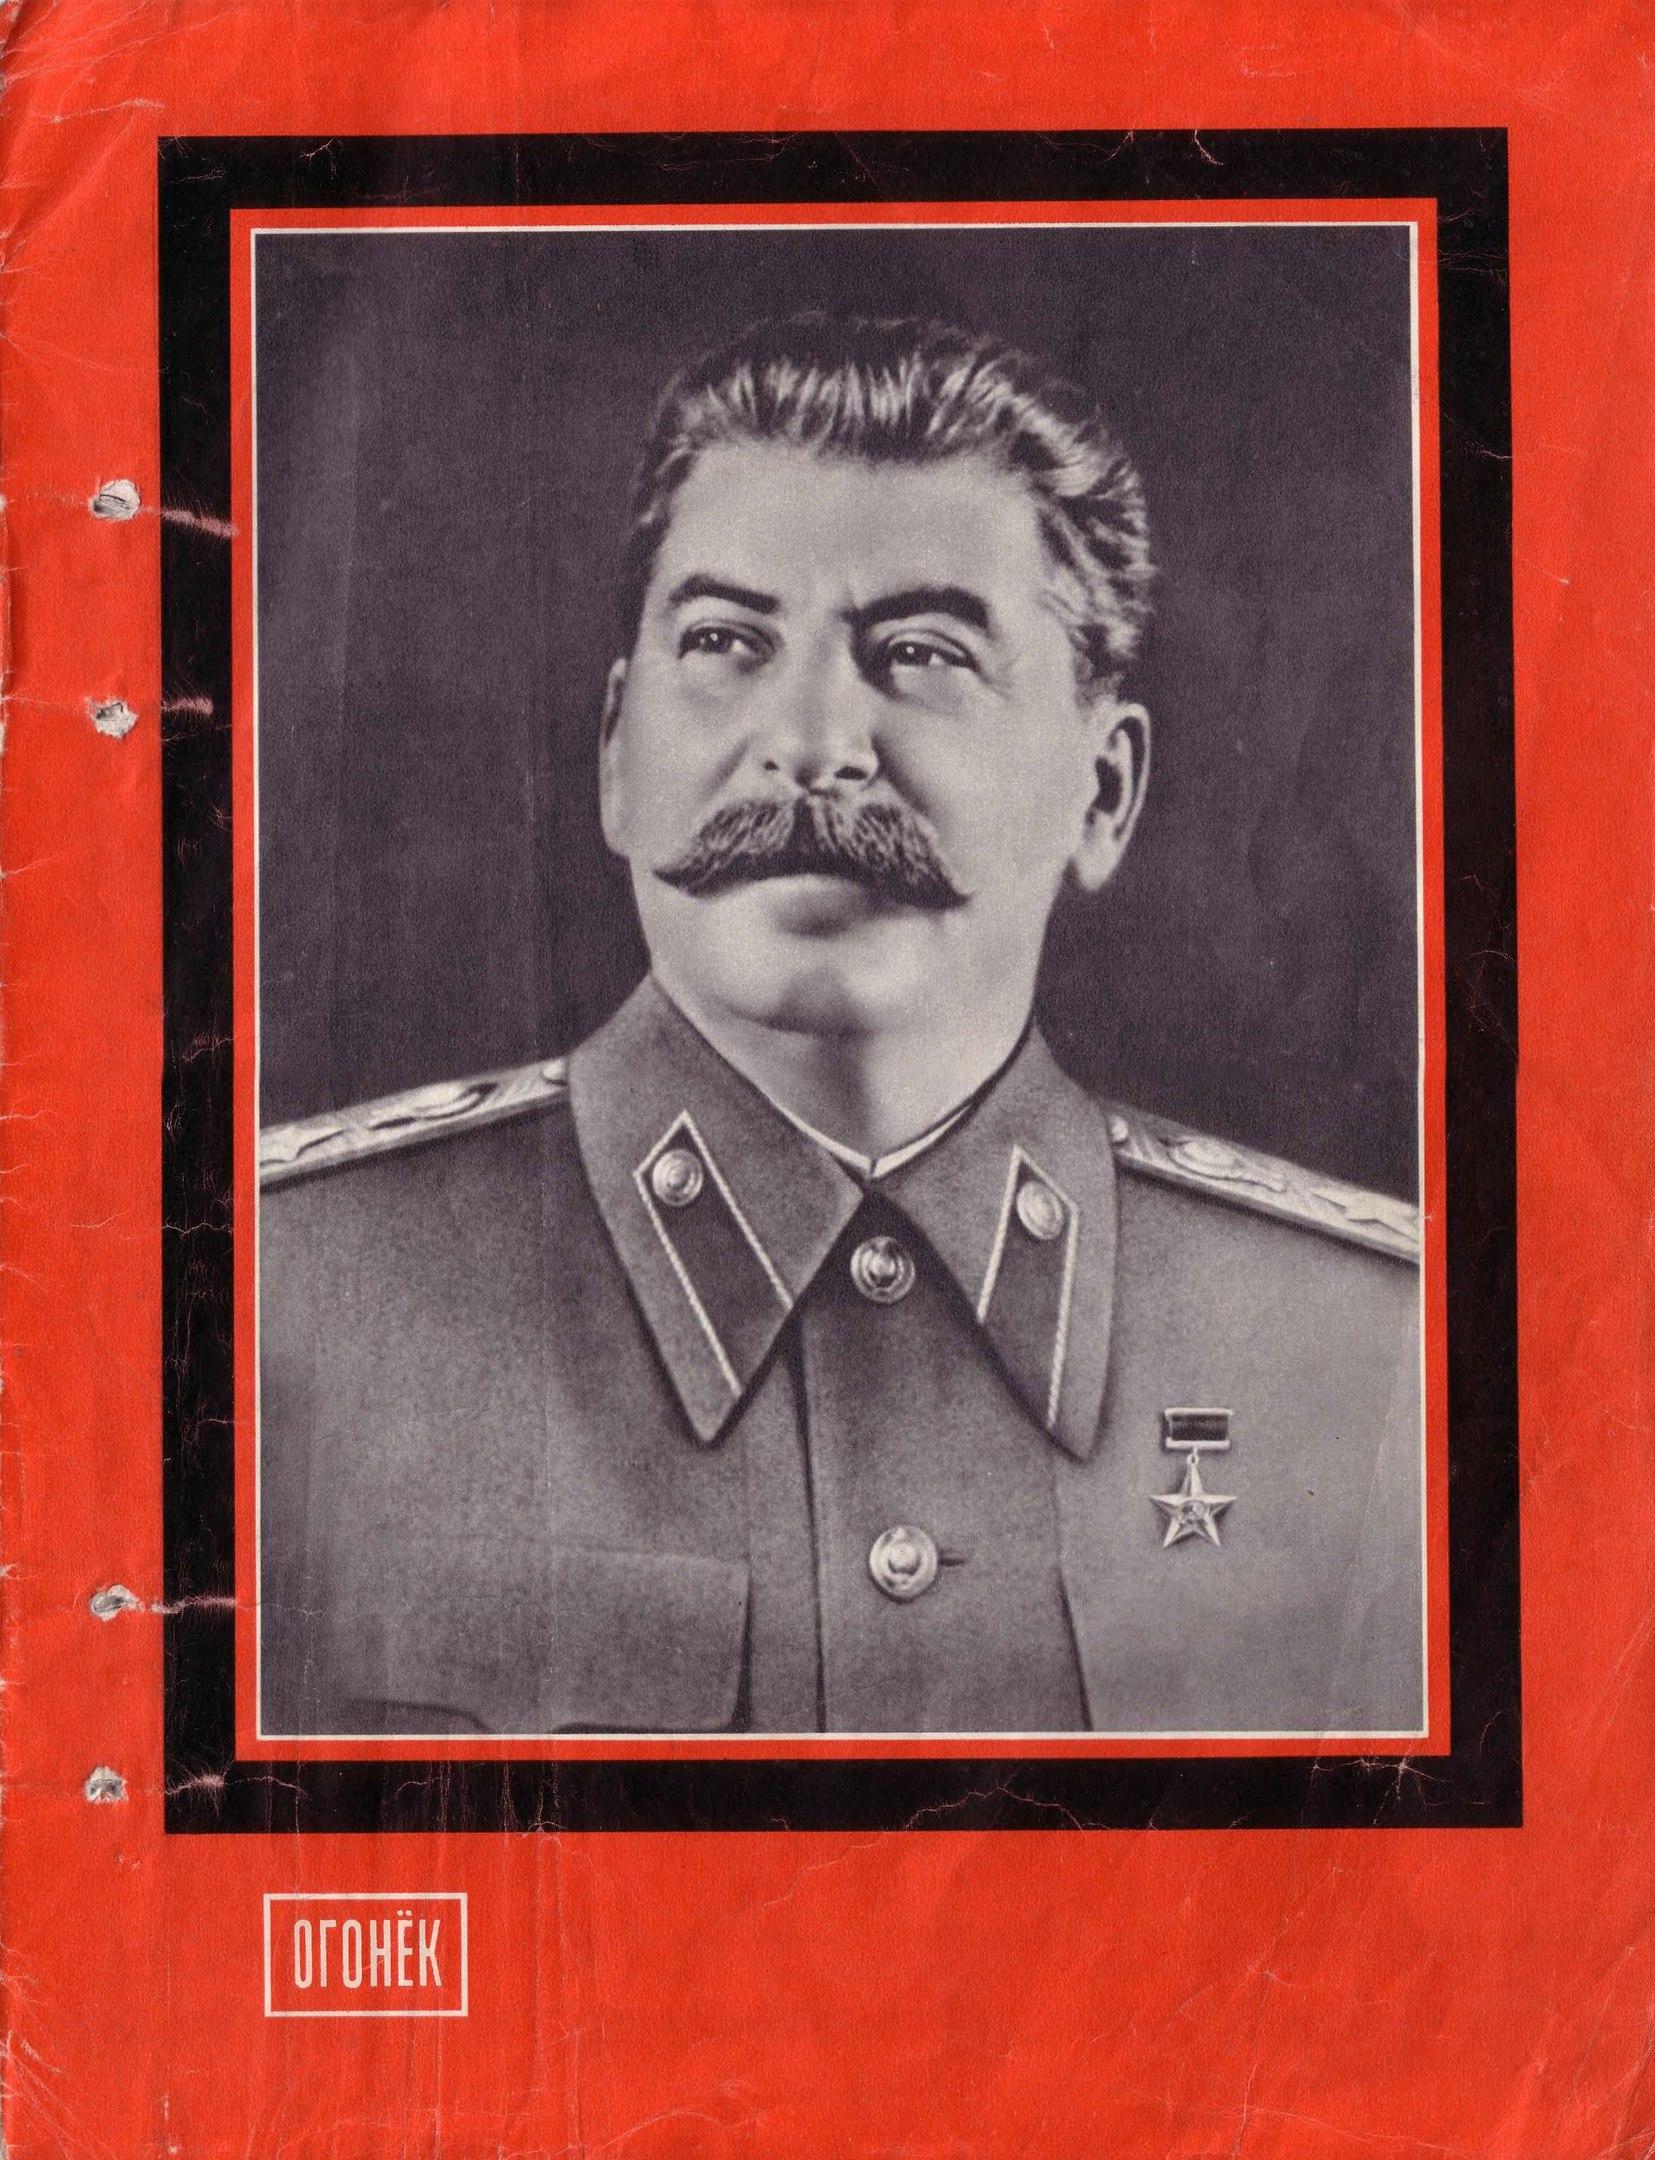 """Выпуск журнала """"Огонек"""" от 8 марта 1953 года, посвященный смерти Сталина"""